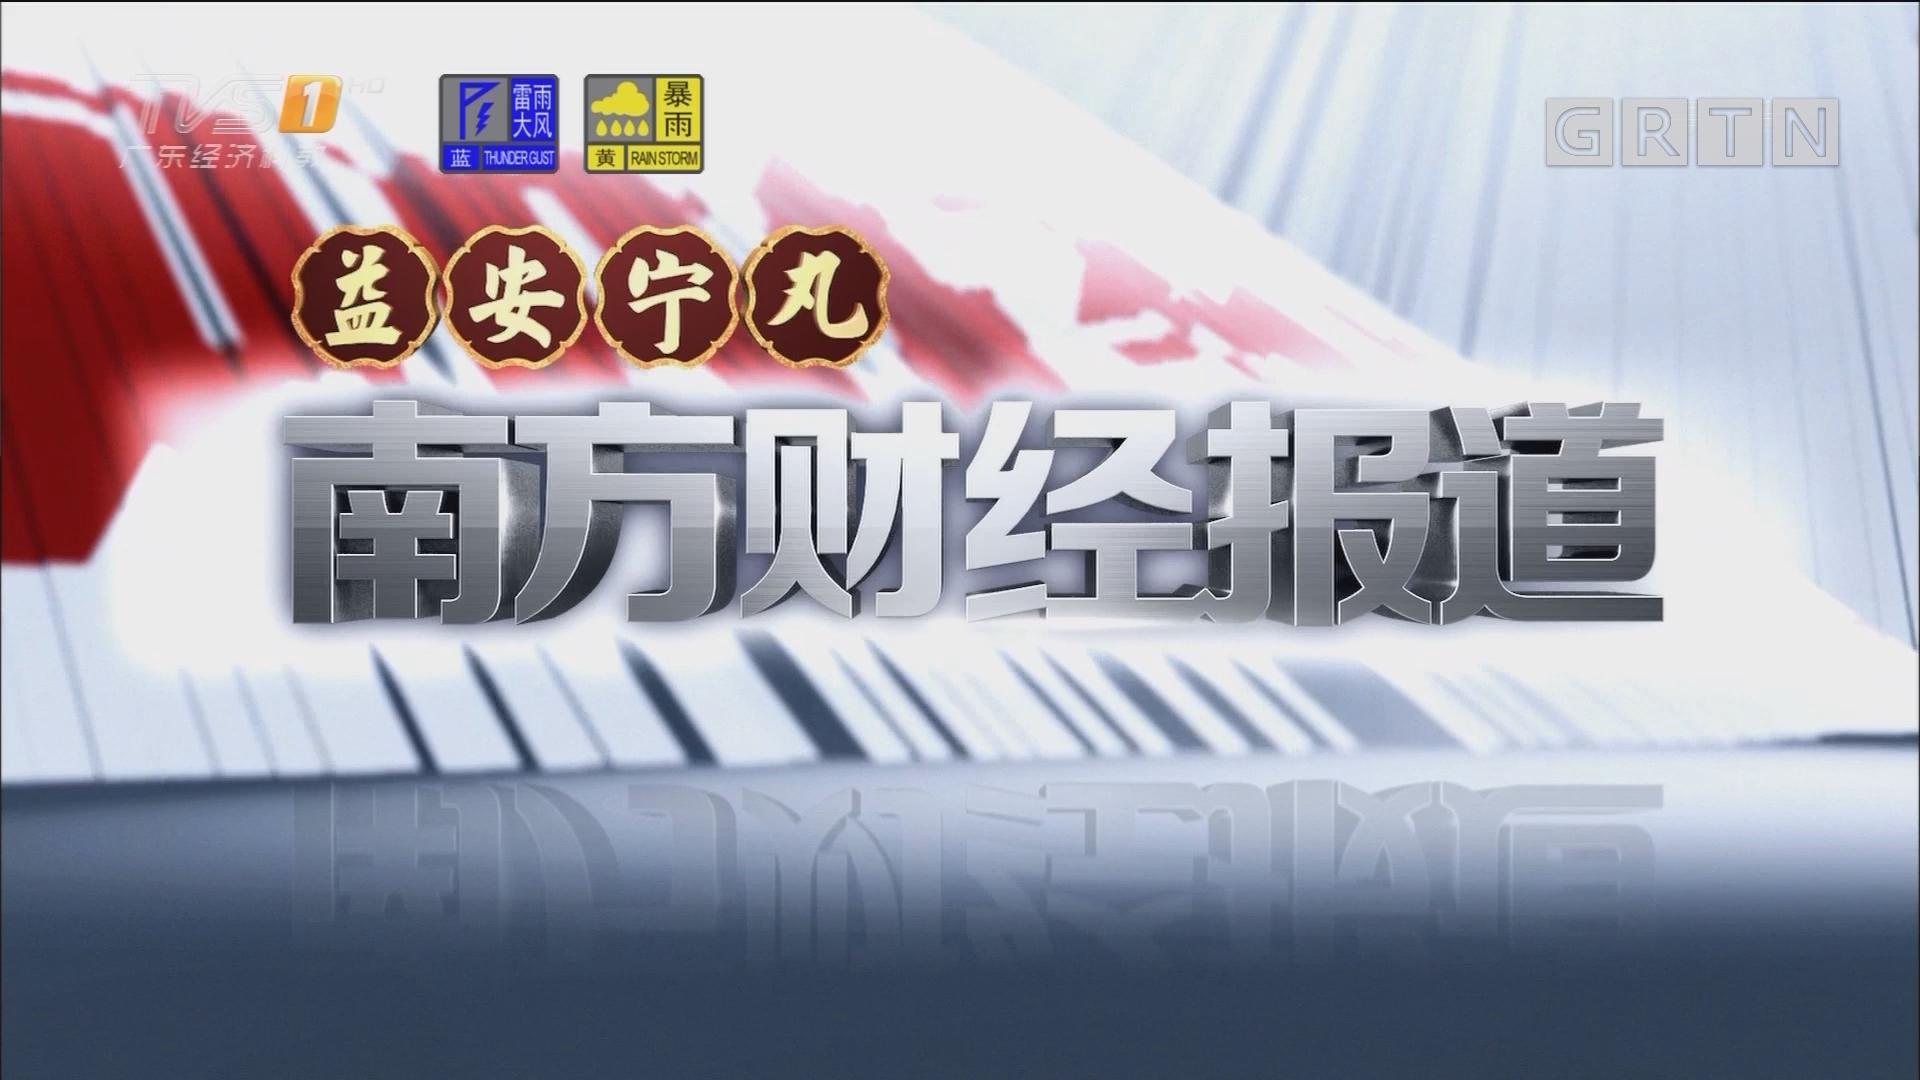 [HD][2017-07-17]南方财经报道:江苏常熟民房火灾22死 初查为人为纵火